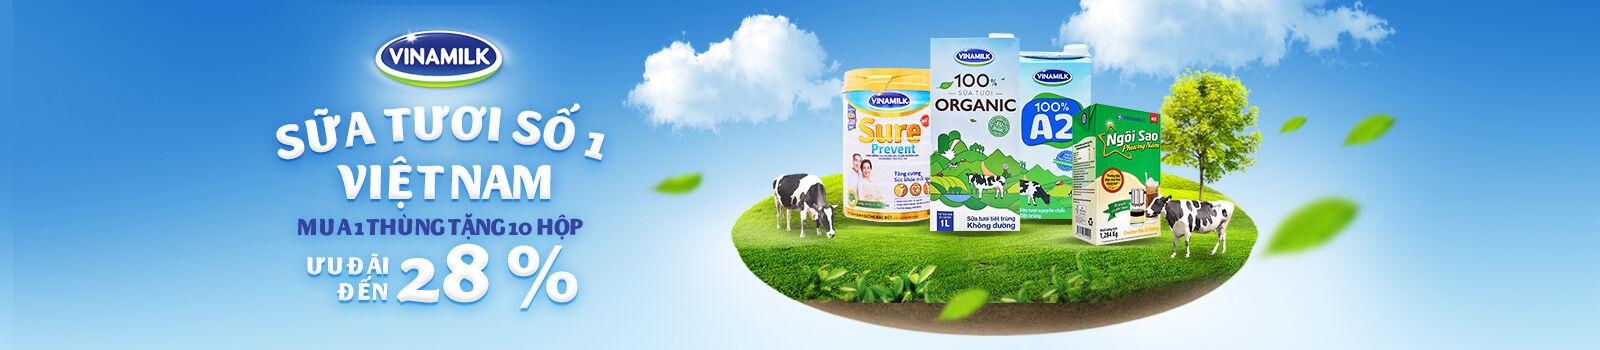 Khuyến mãi Sữa tươi Vinamilk – Mua 1 thùng tặng 10 hộp